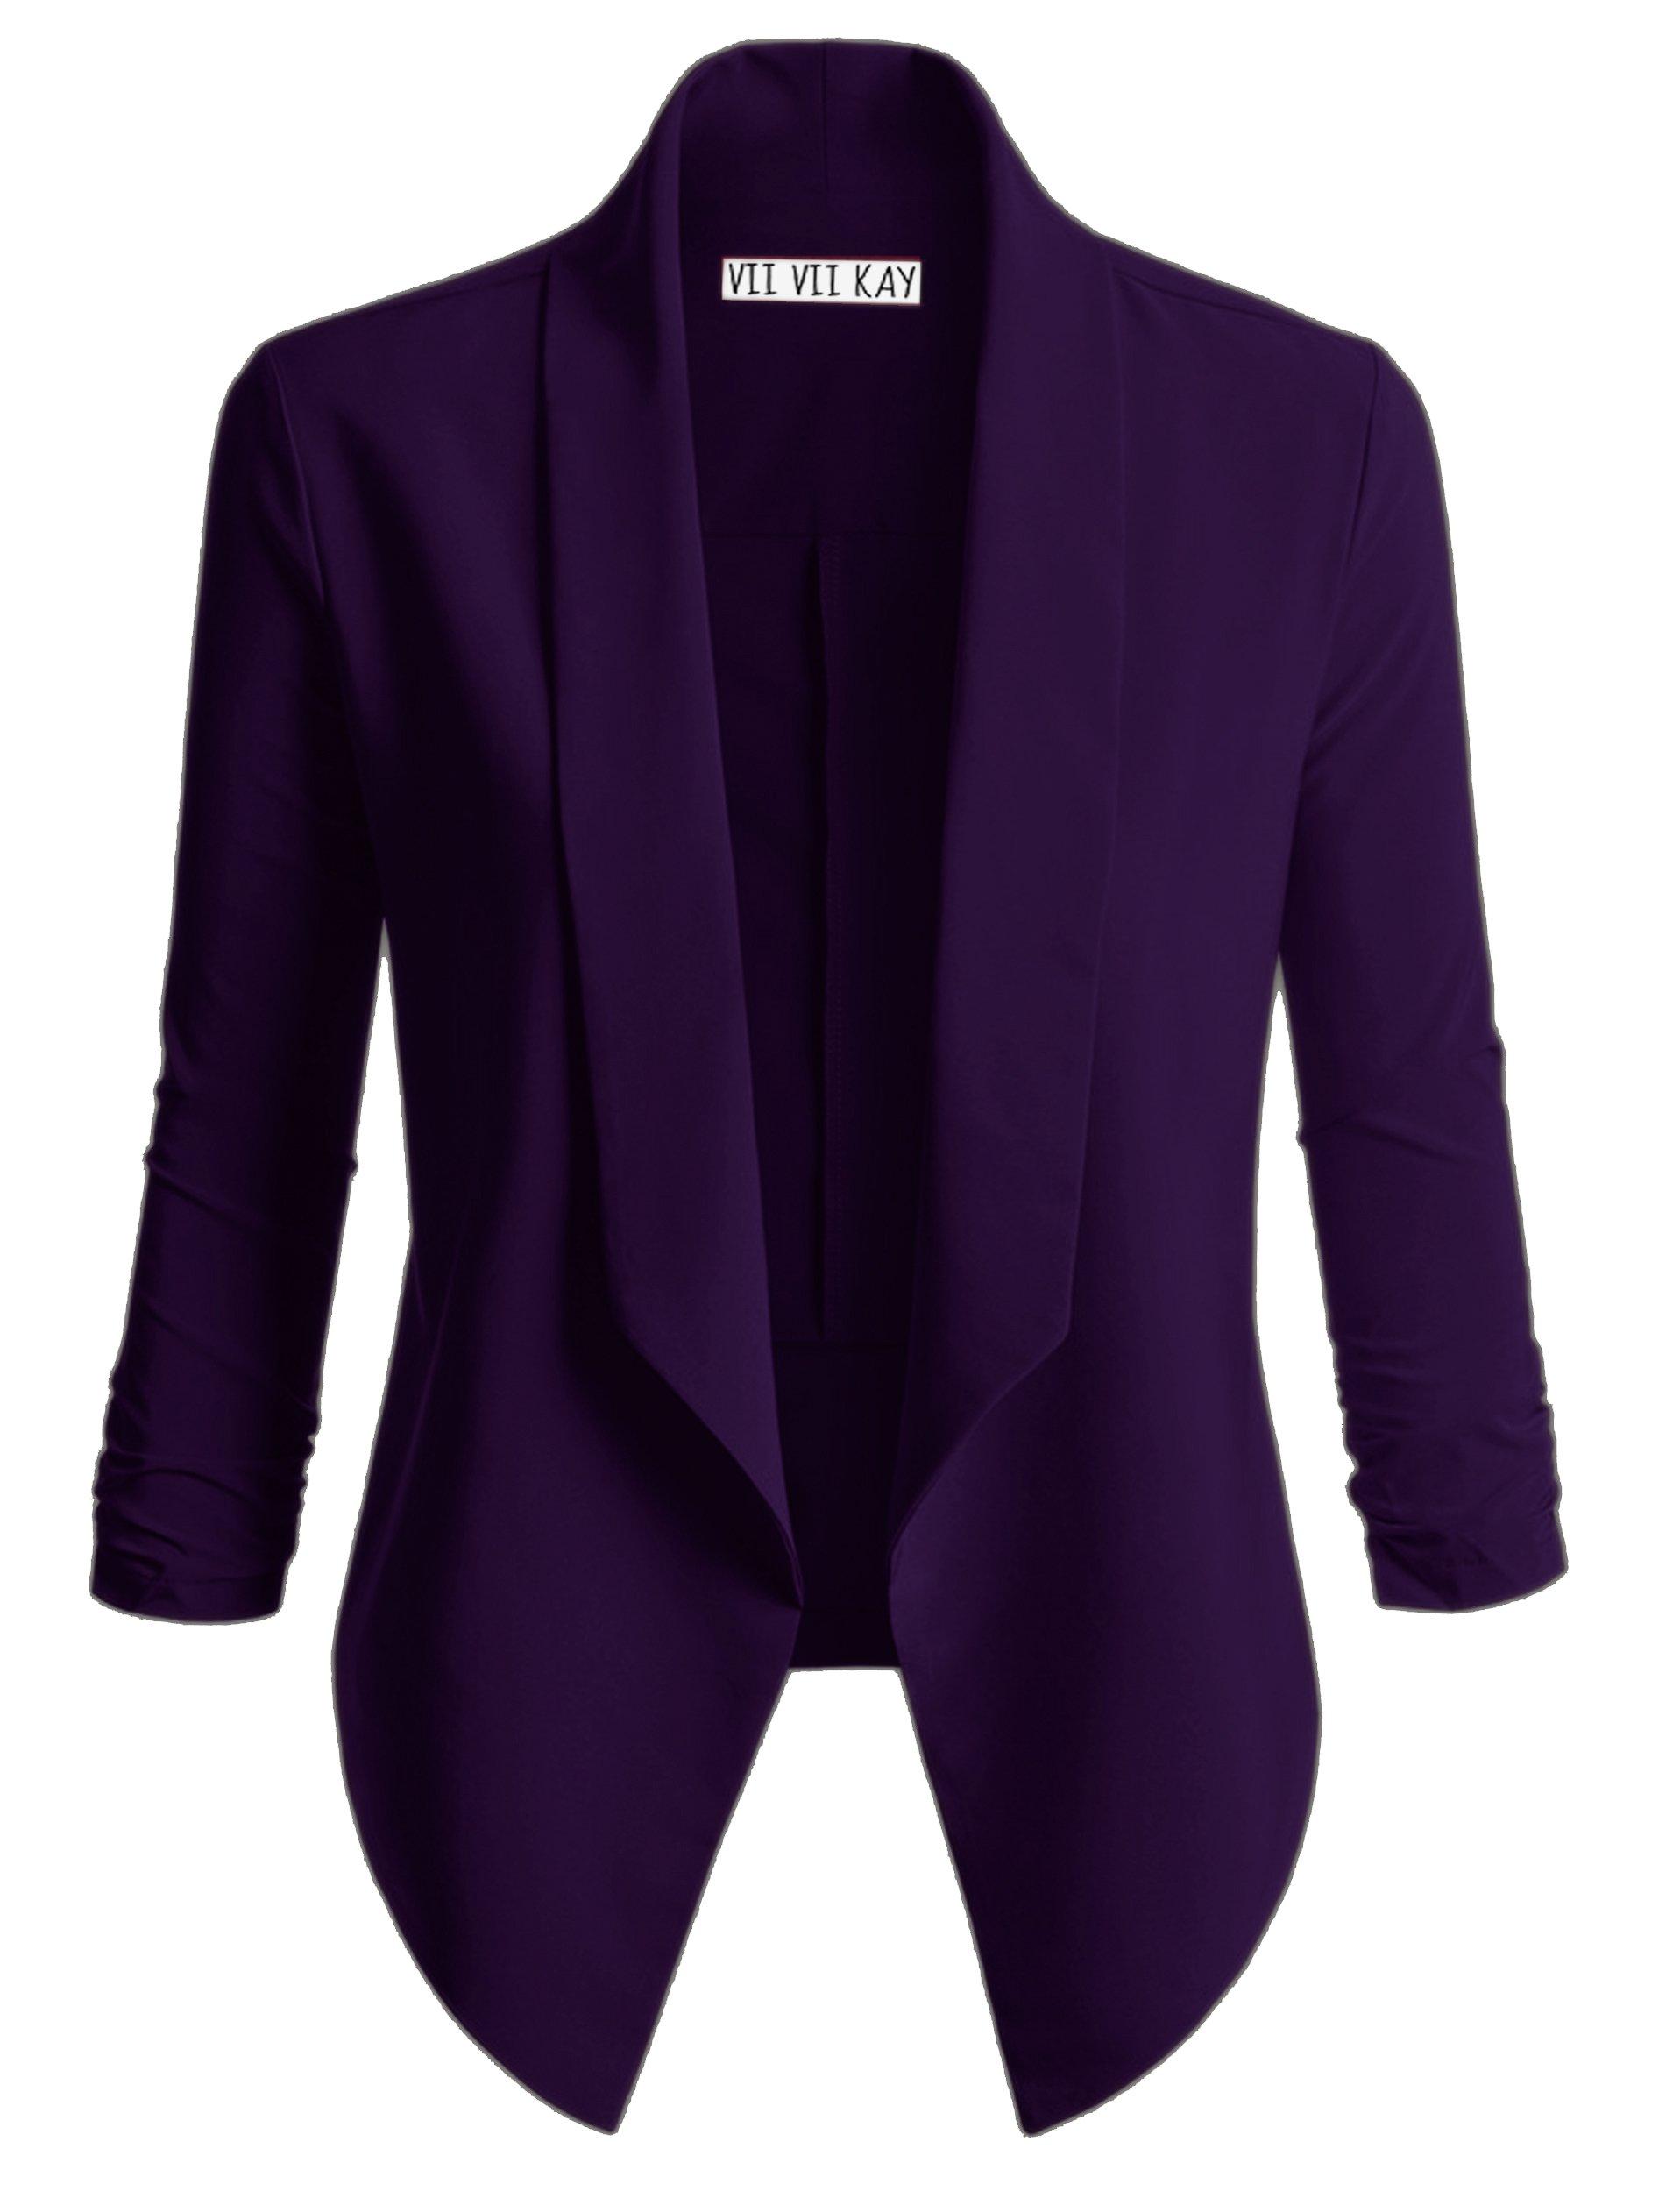 ViiViiKay Women's Versatile Business Attire Blazers in Multiple Styles 37_Purple M